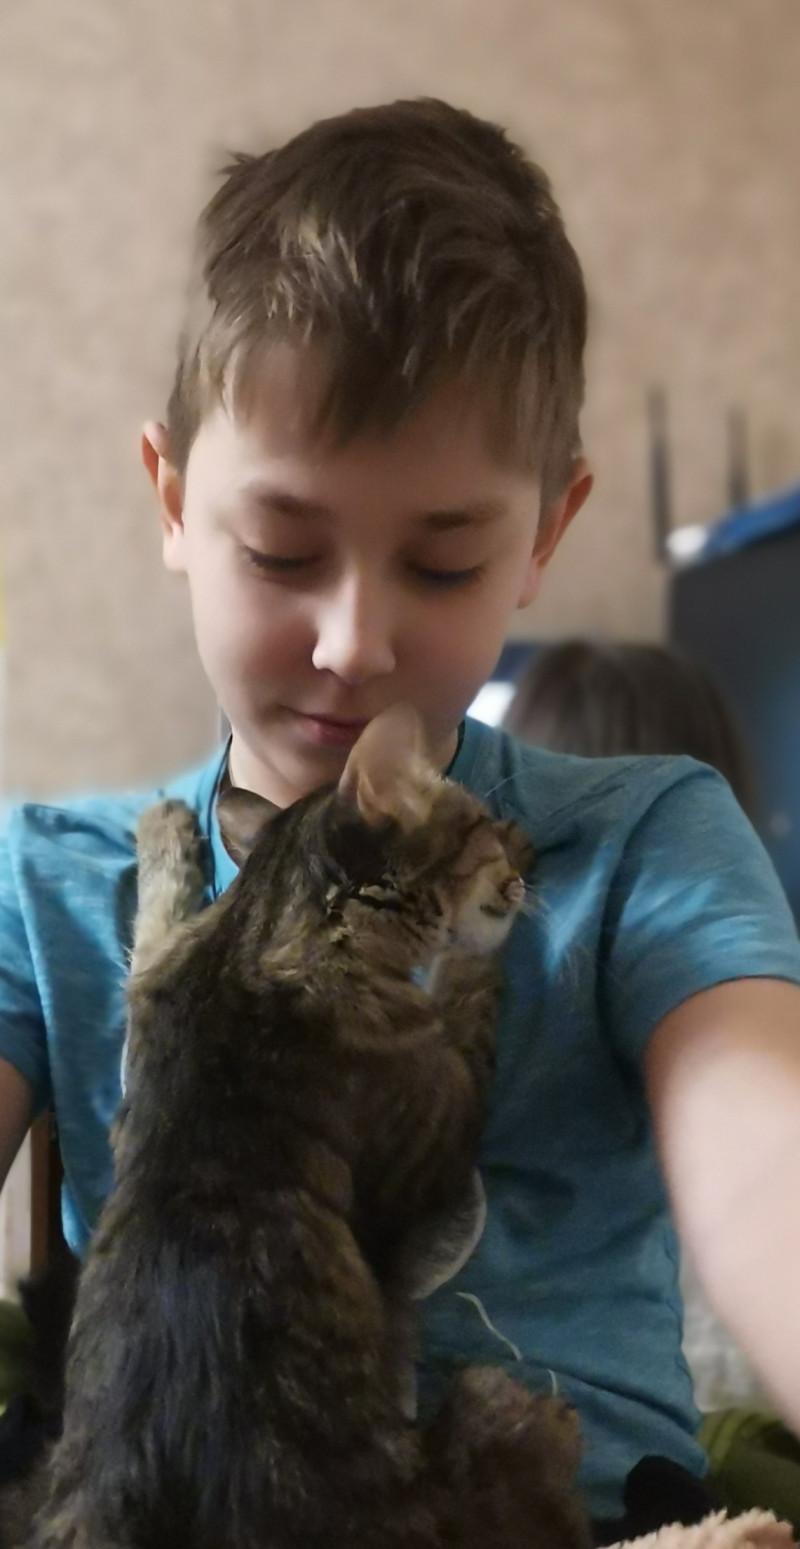 Обнимашки)))) просто позитивные фото)